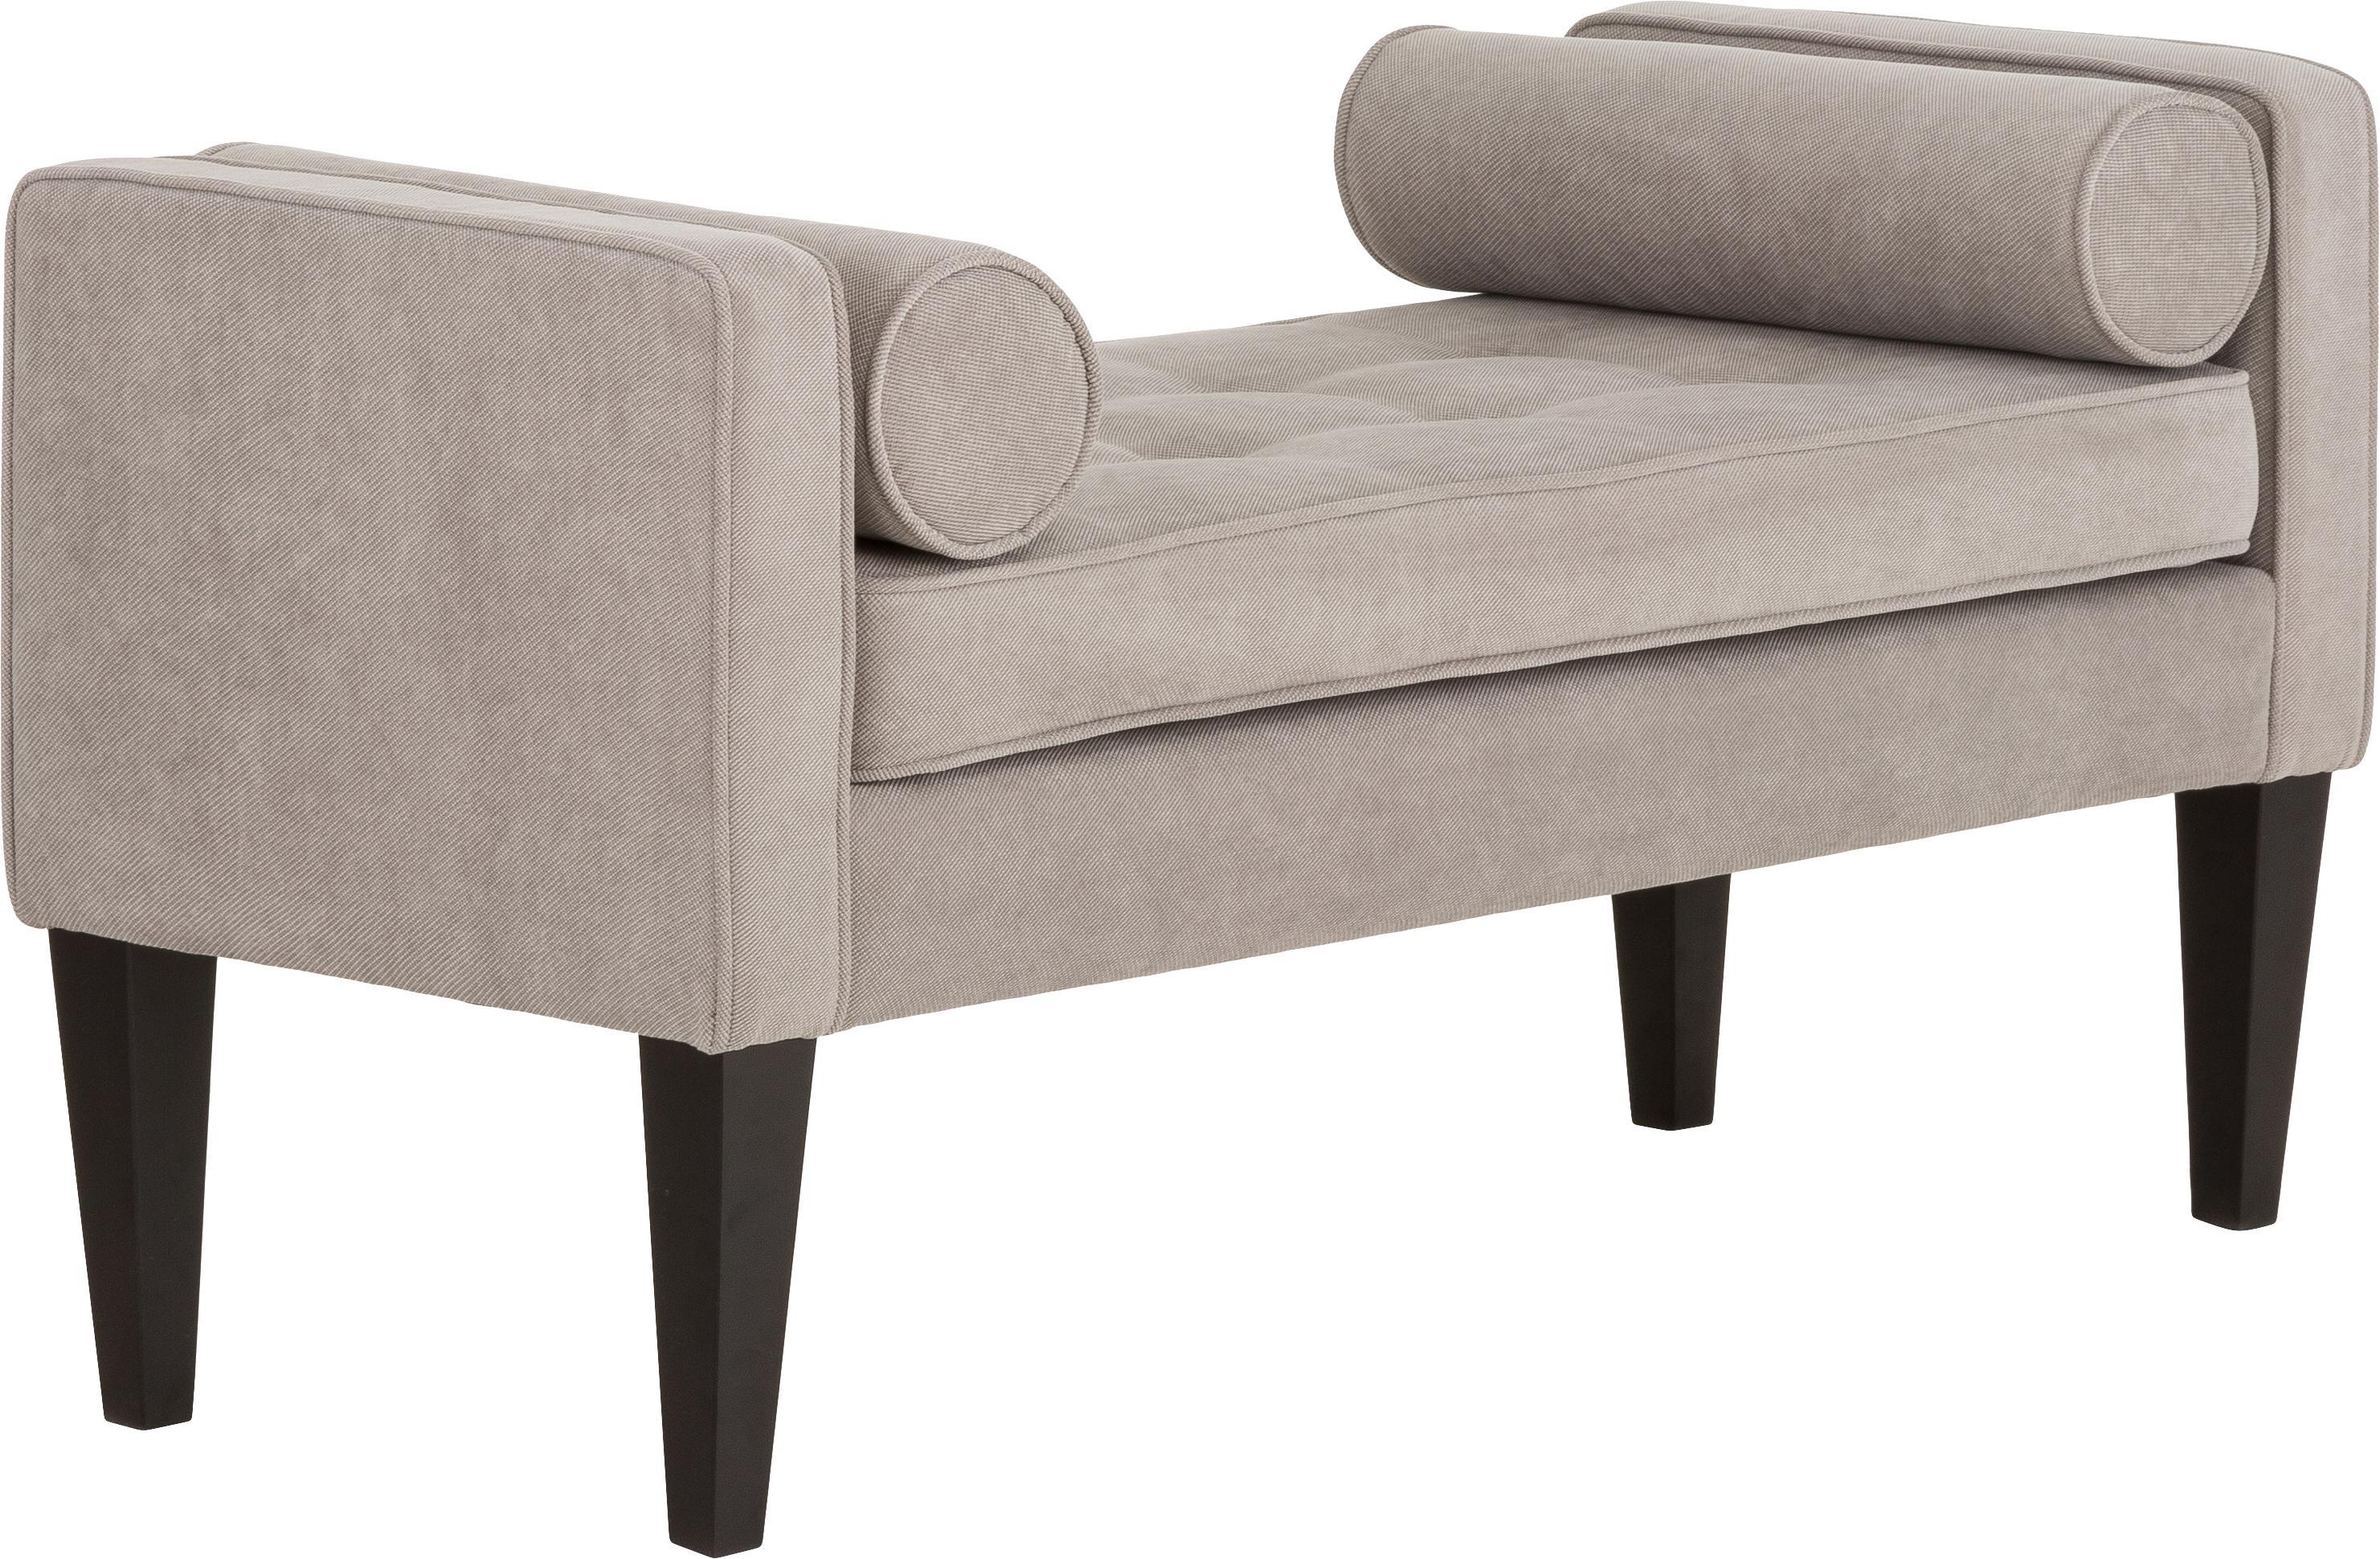 Bettbank Mia mit Kissen, Bezug: 92% Polyester, 8% Nylon, Beine: Birkenholz, lackiert, Bezug: Grau<br>Beine: Schwarz, 115 x 61 cm